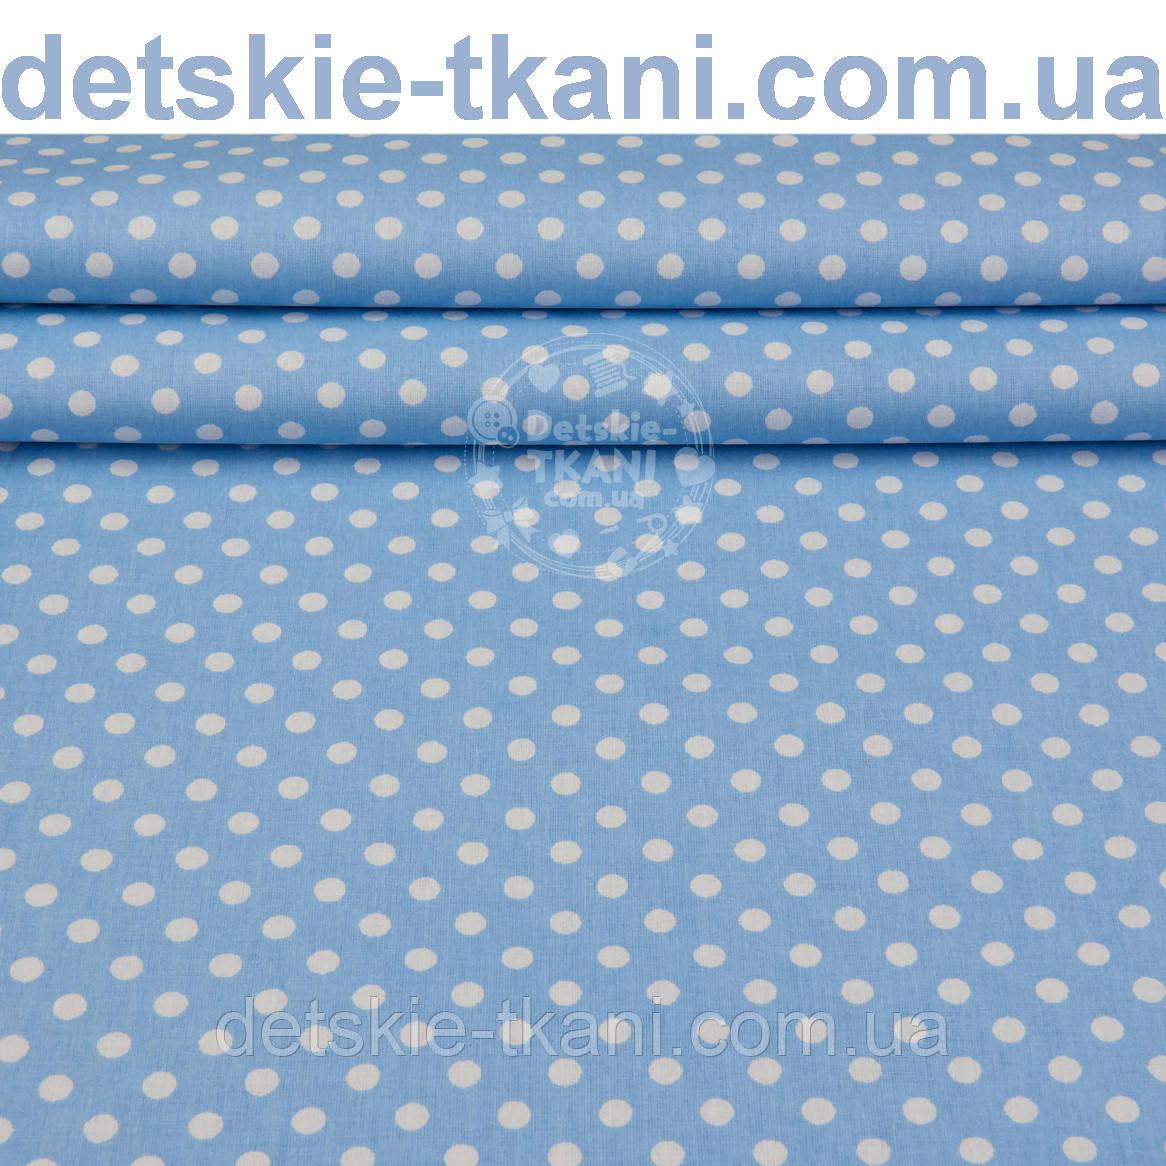 Хлопковая ткань ранфорс с горошком 6 мм на голубом фоне, ширина 240 см (№1117)